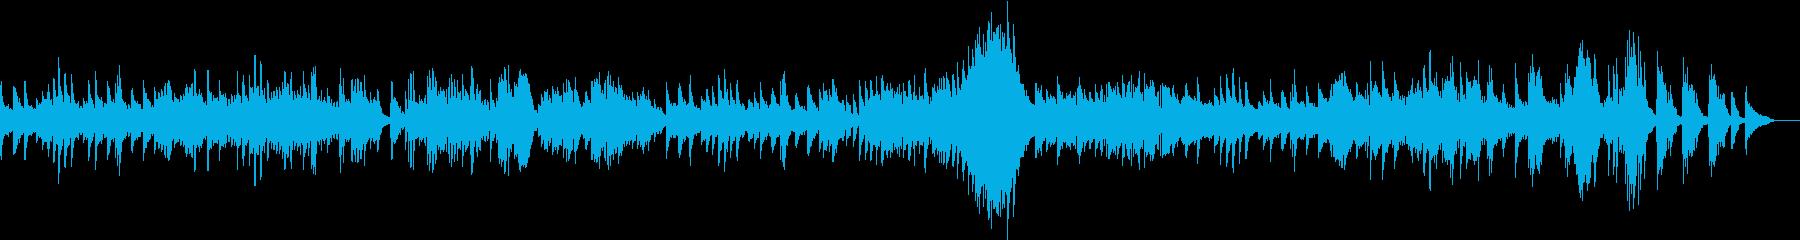 ベートーヴェンピアノソナタ悲愴第二楽章の再生済みの波形